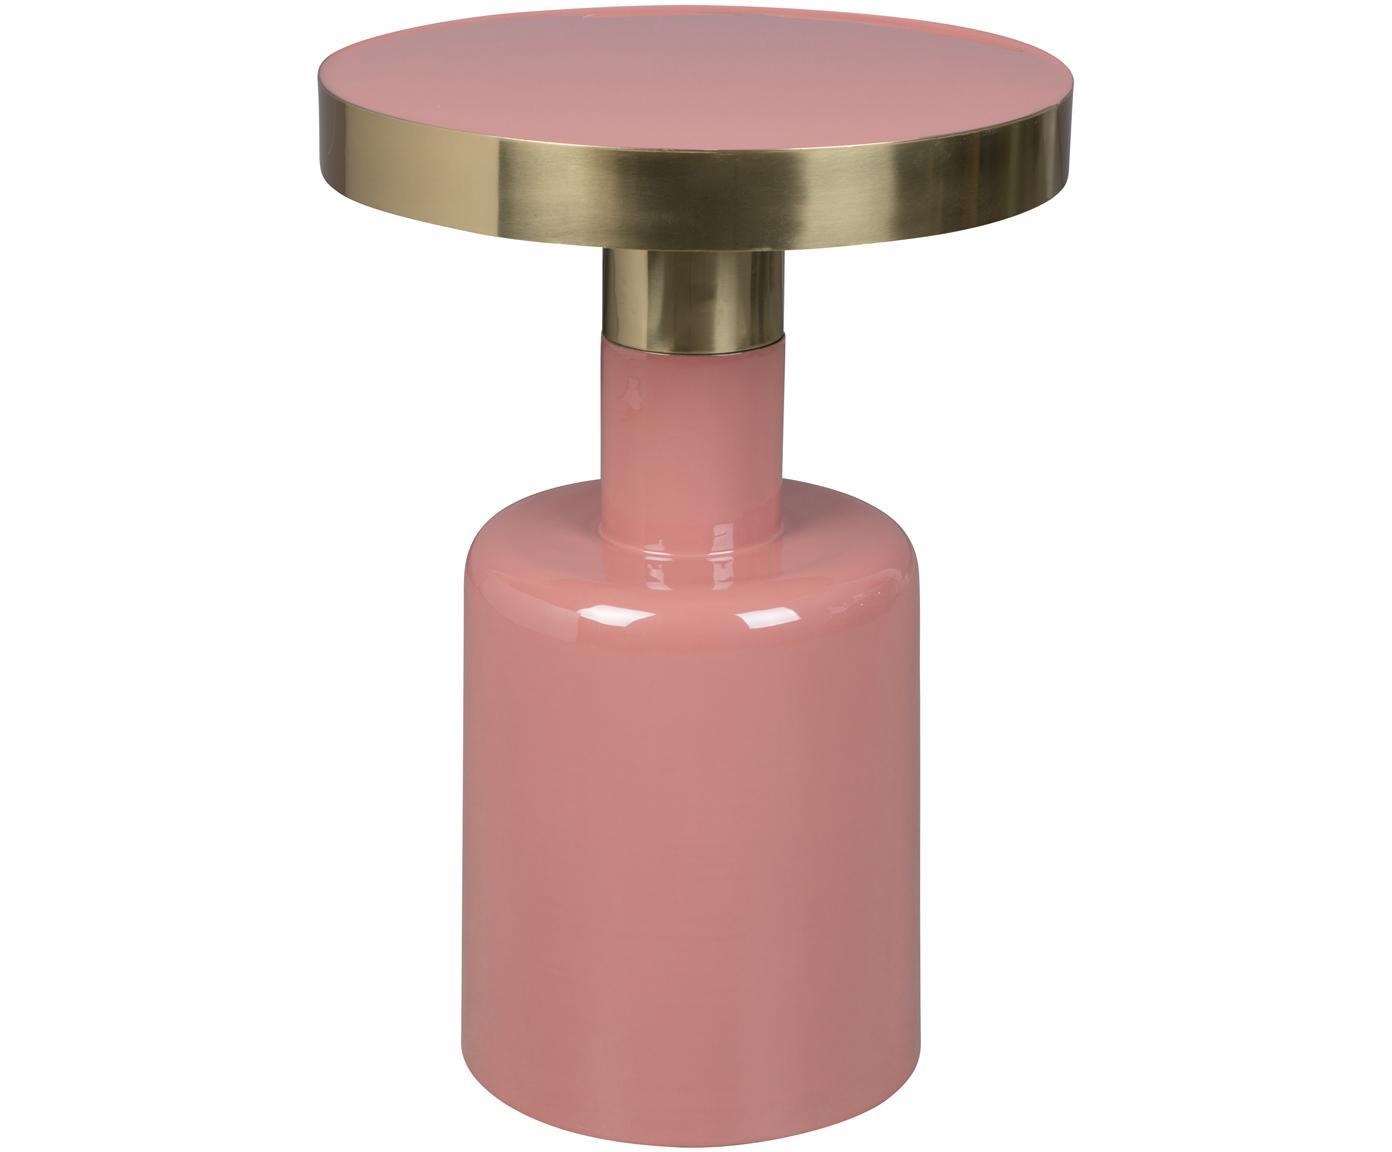 Tavolino rotondo smaltato Glam, Piano d'appoggio: metallo, smaltato, Struttura: metallo verniciato a polv, Rosa, Ø 36 x Alt. 51 cm